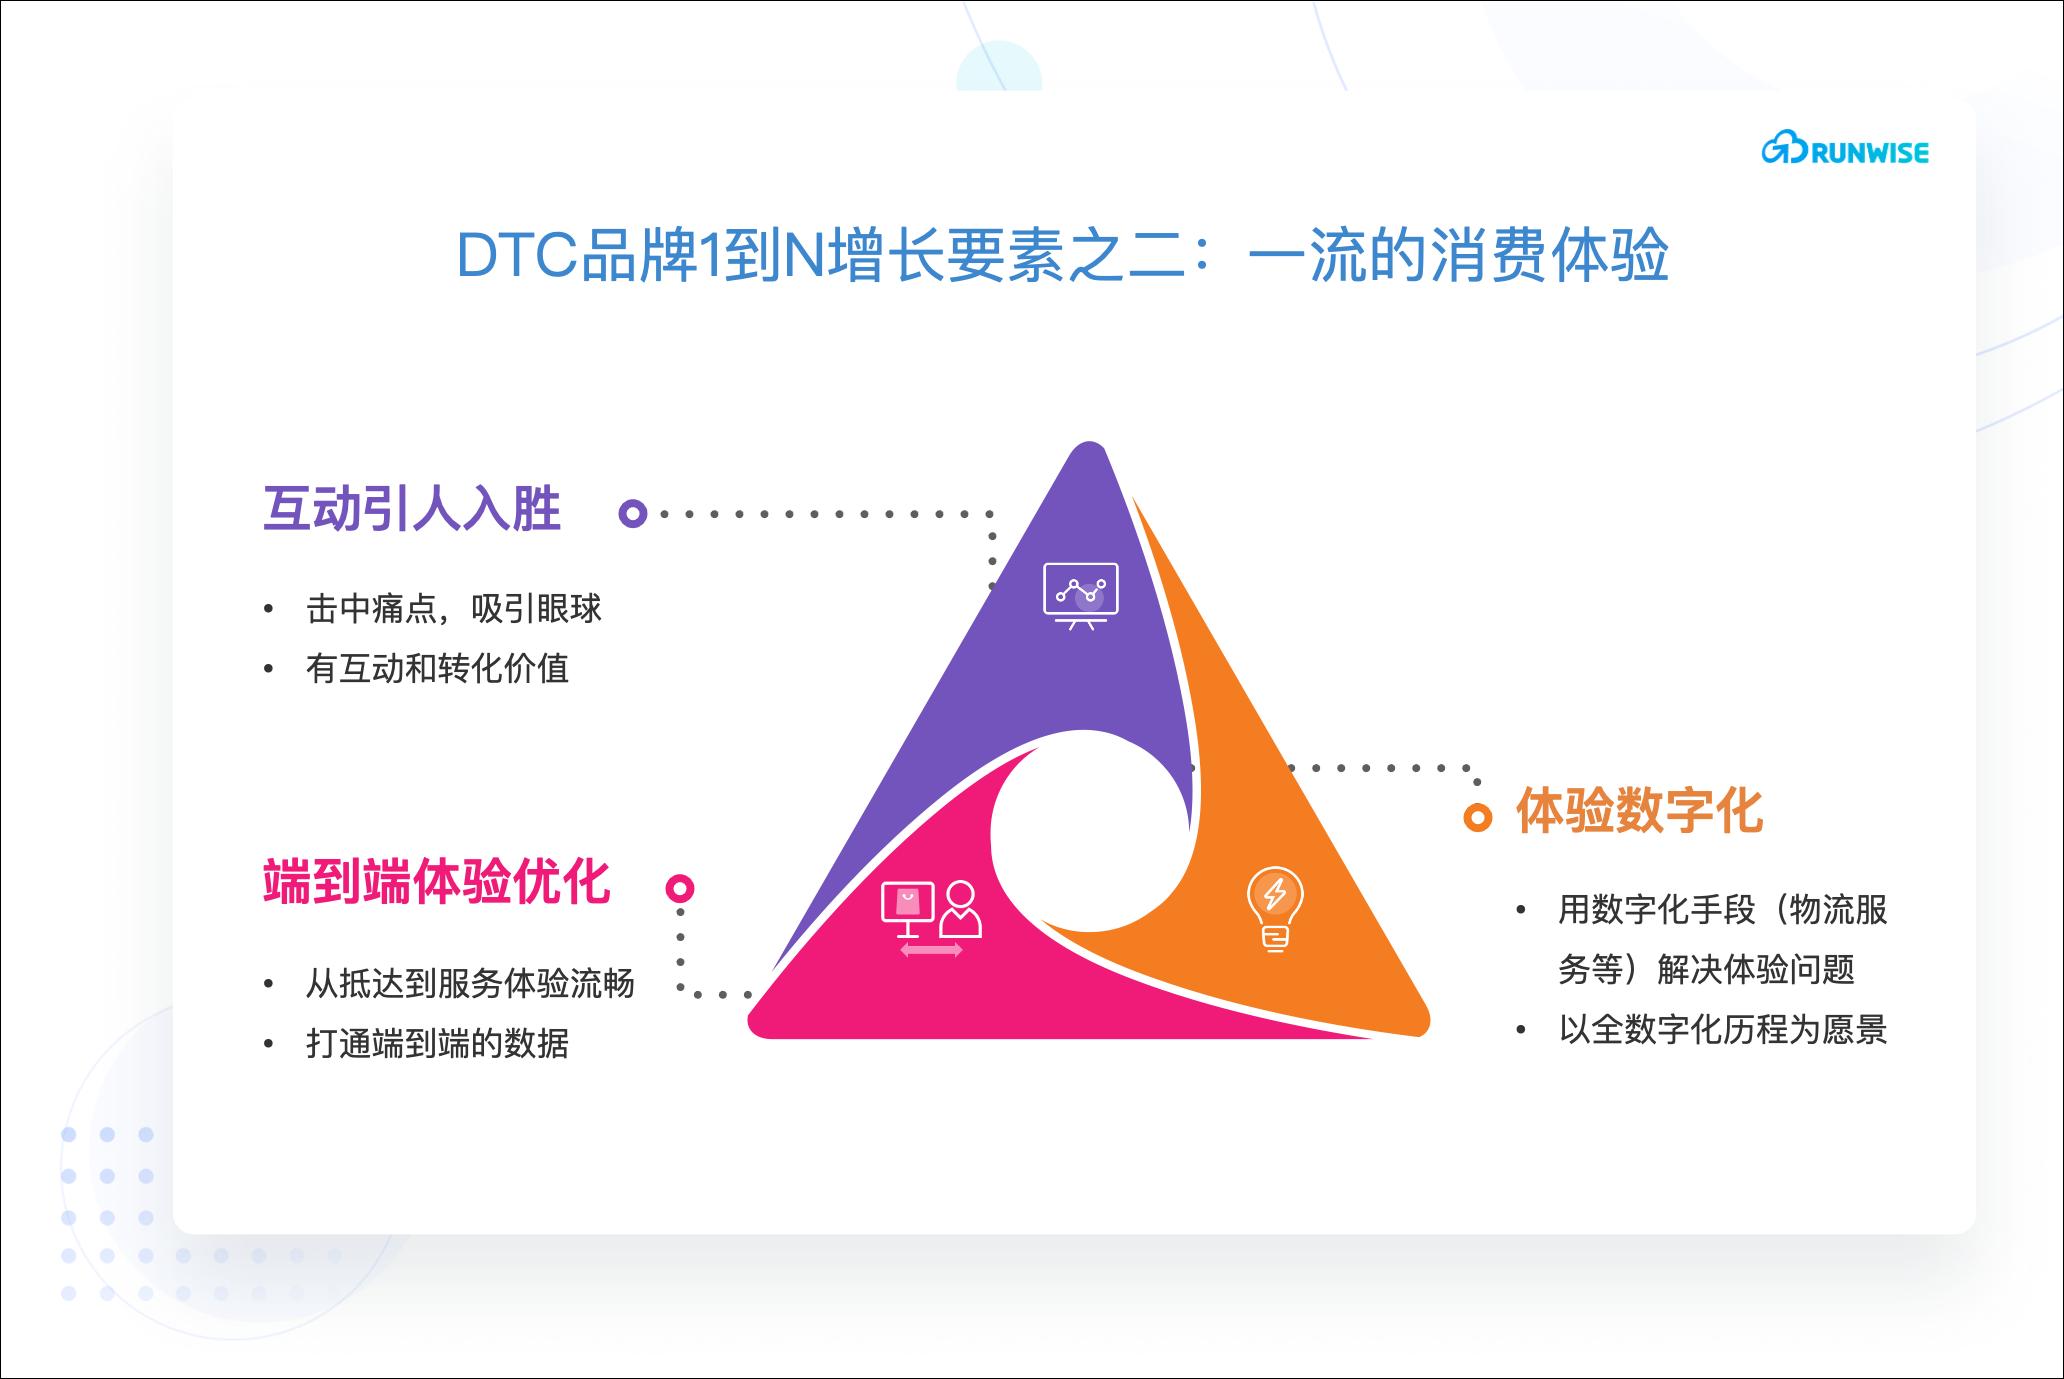 DTC品牌增长创新-一流的消费体验